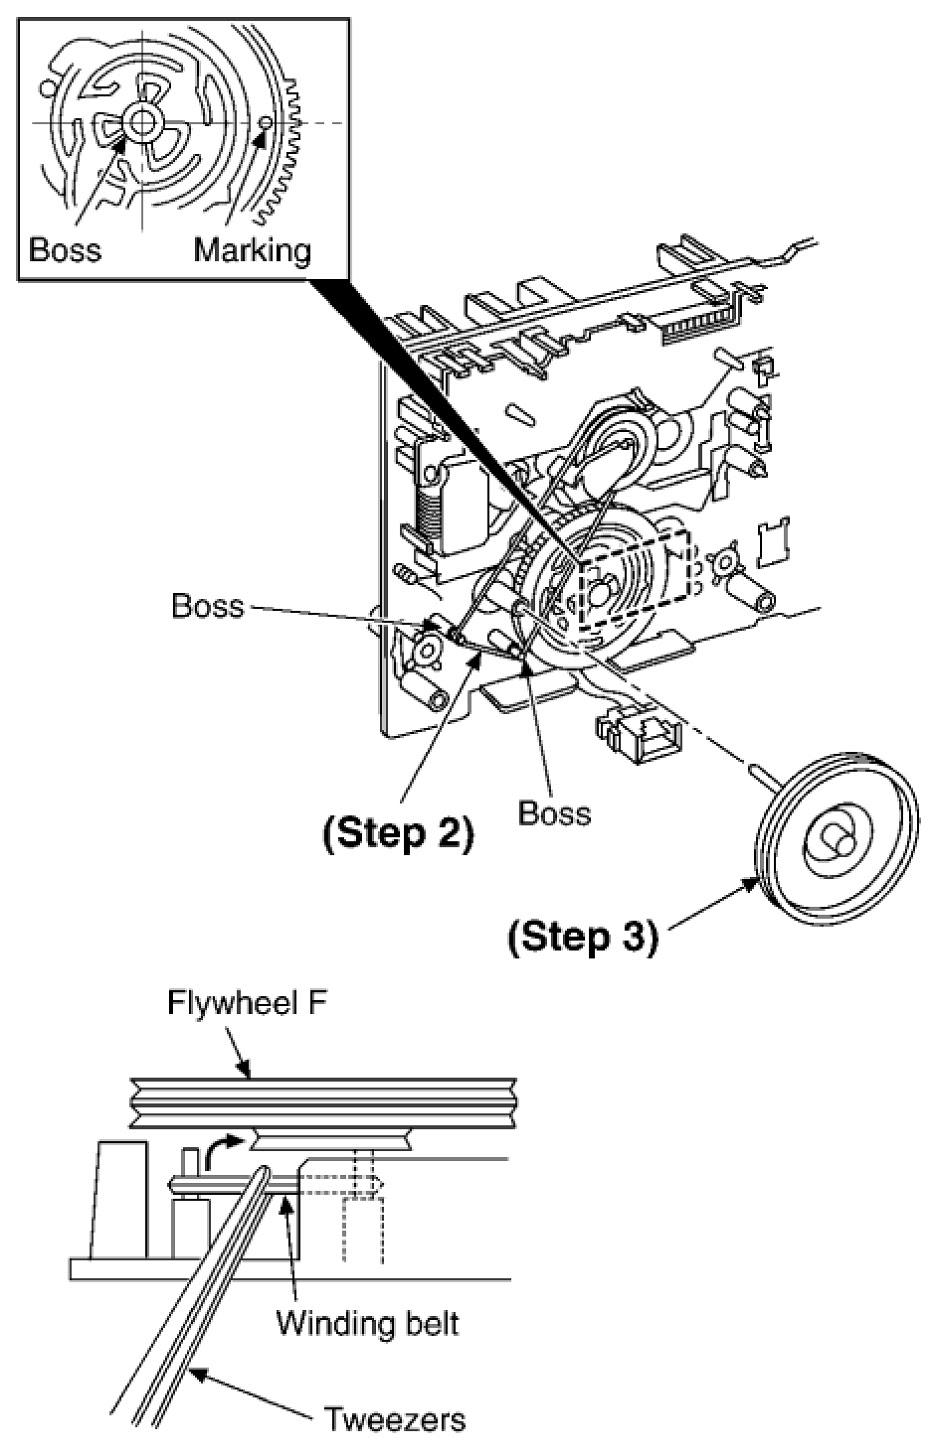 How to set up panasonic sa bt200